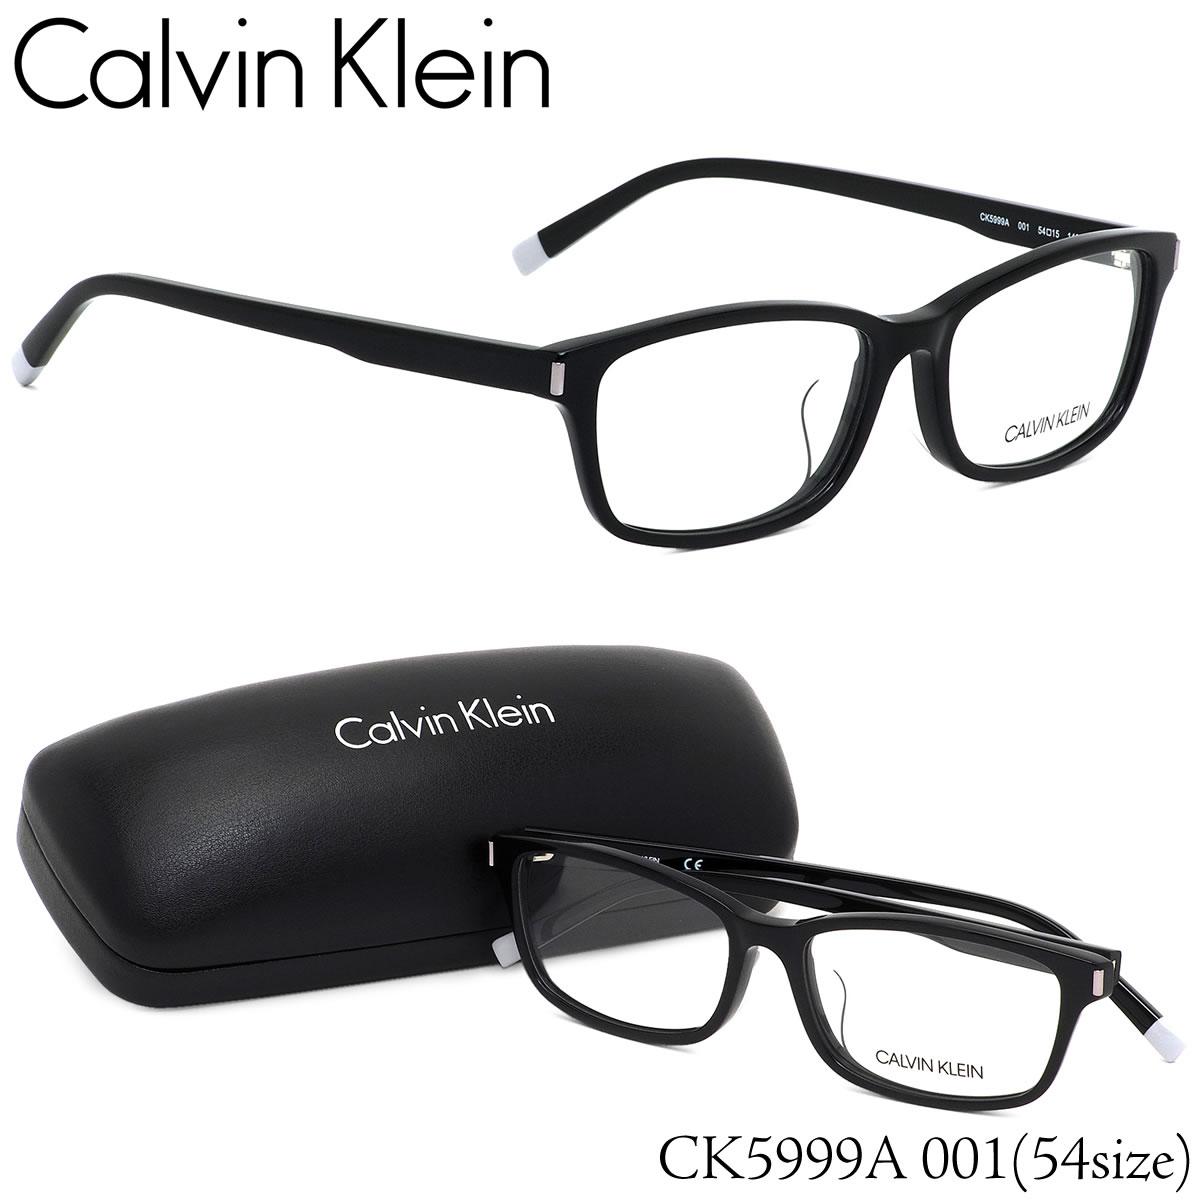 ほぼ全品ポイント15倍〜最大34倍+4倍! カルバンクライン Calvin Klein メガネCK5999A 001 54サイズck ウエリントン ブラックカルバンクライン CalvinKlein メンズ レディース